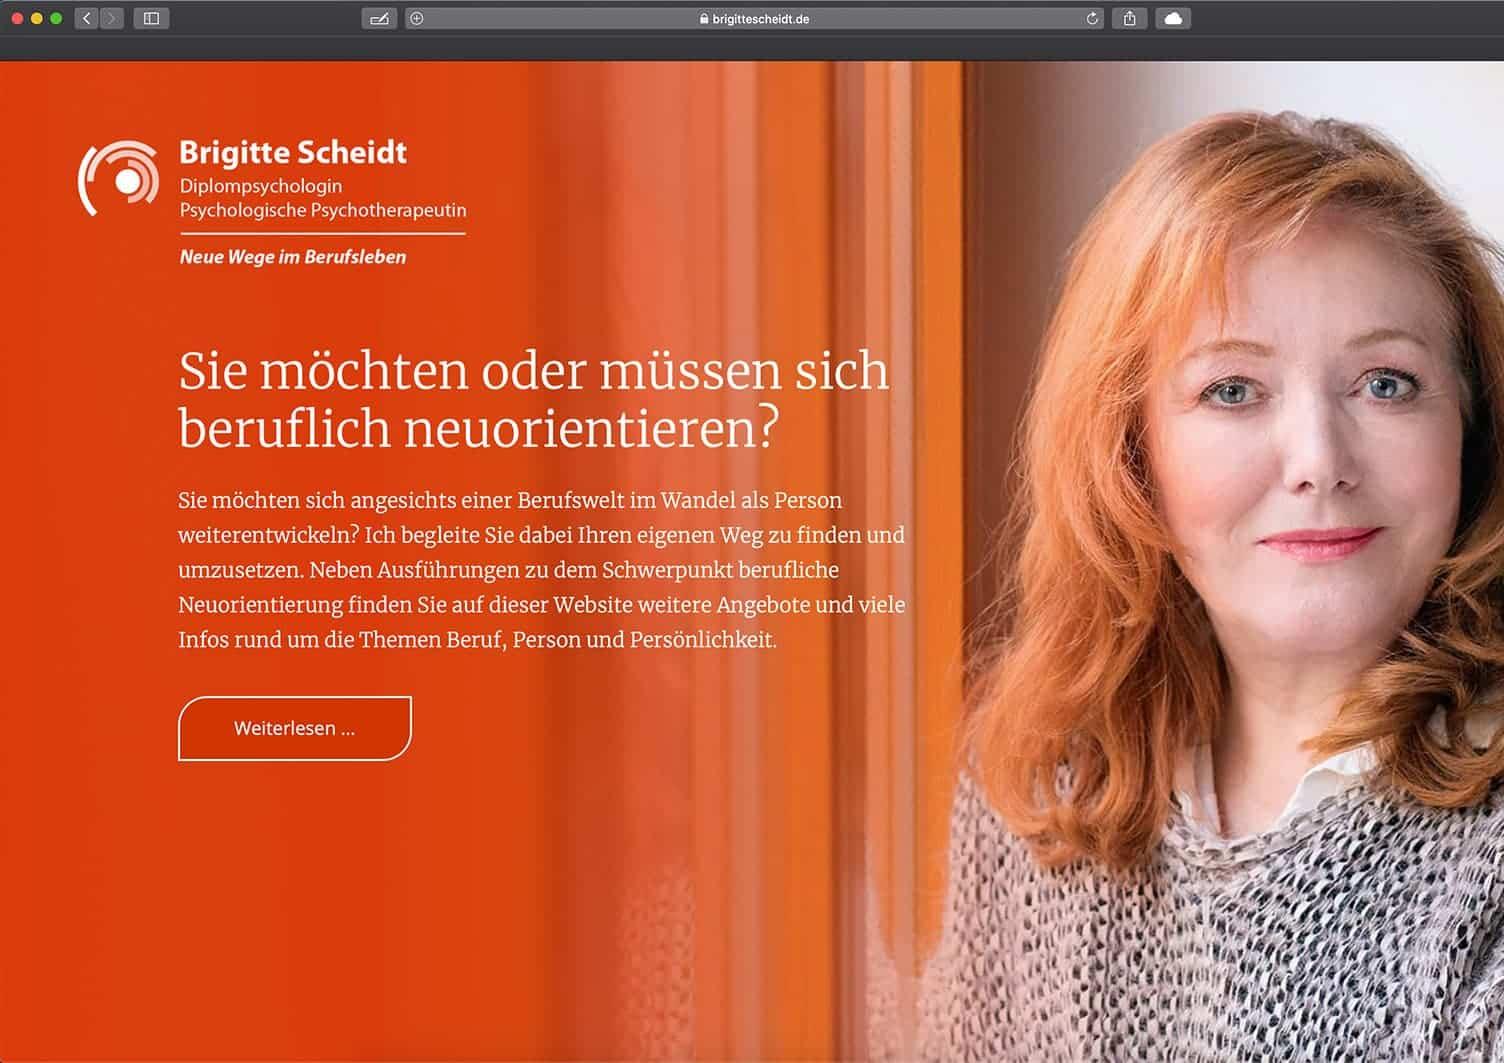 Webdesign Berlin: Neue Website für Brigitte Scheidt Berlin